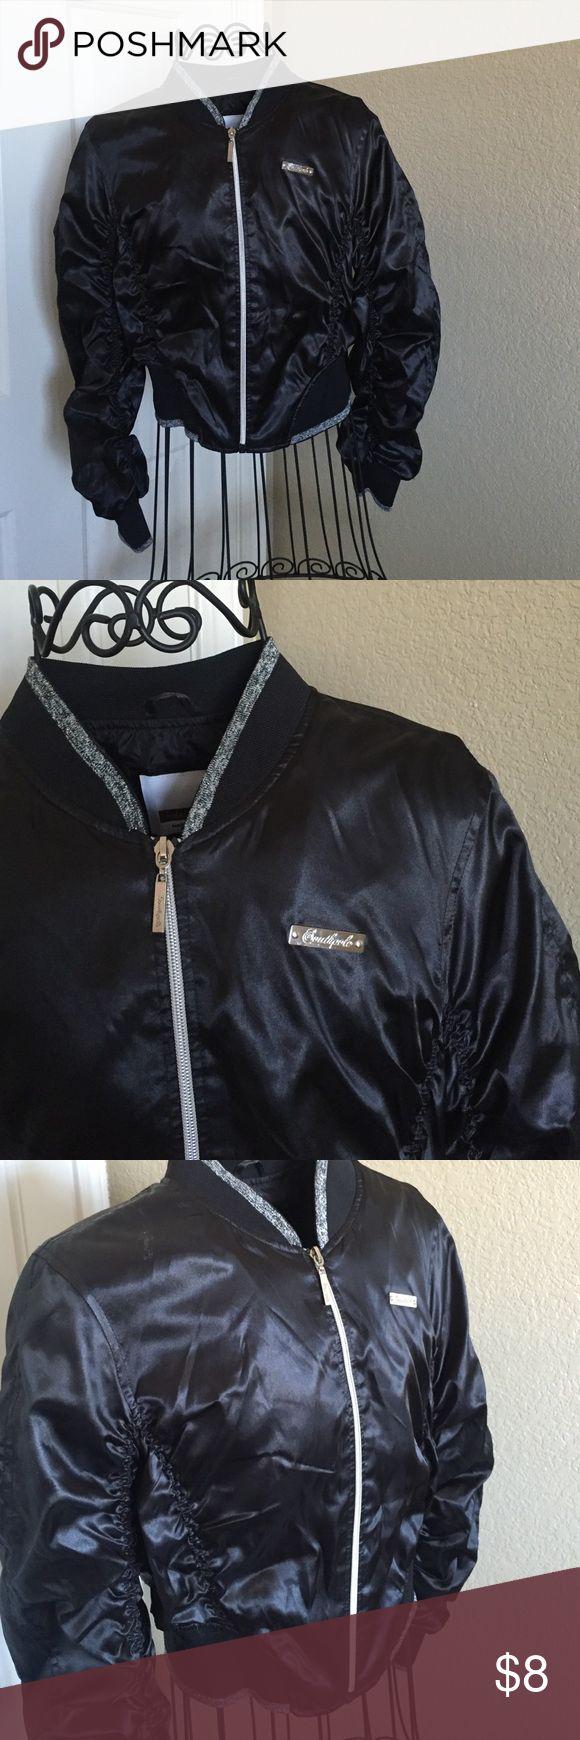 Black zip up jacket Black zip up jacket Jackets & Coats